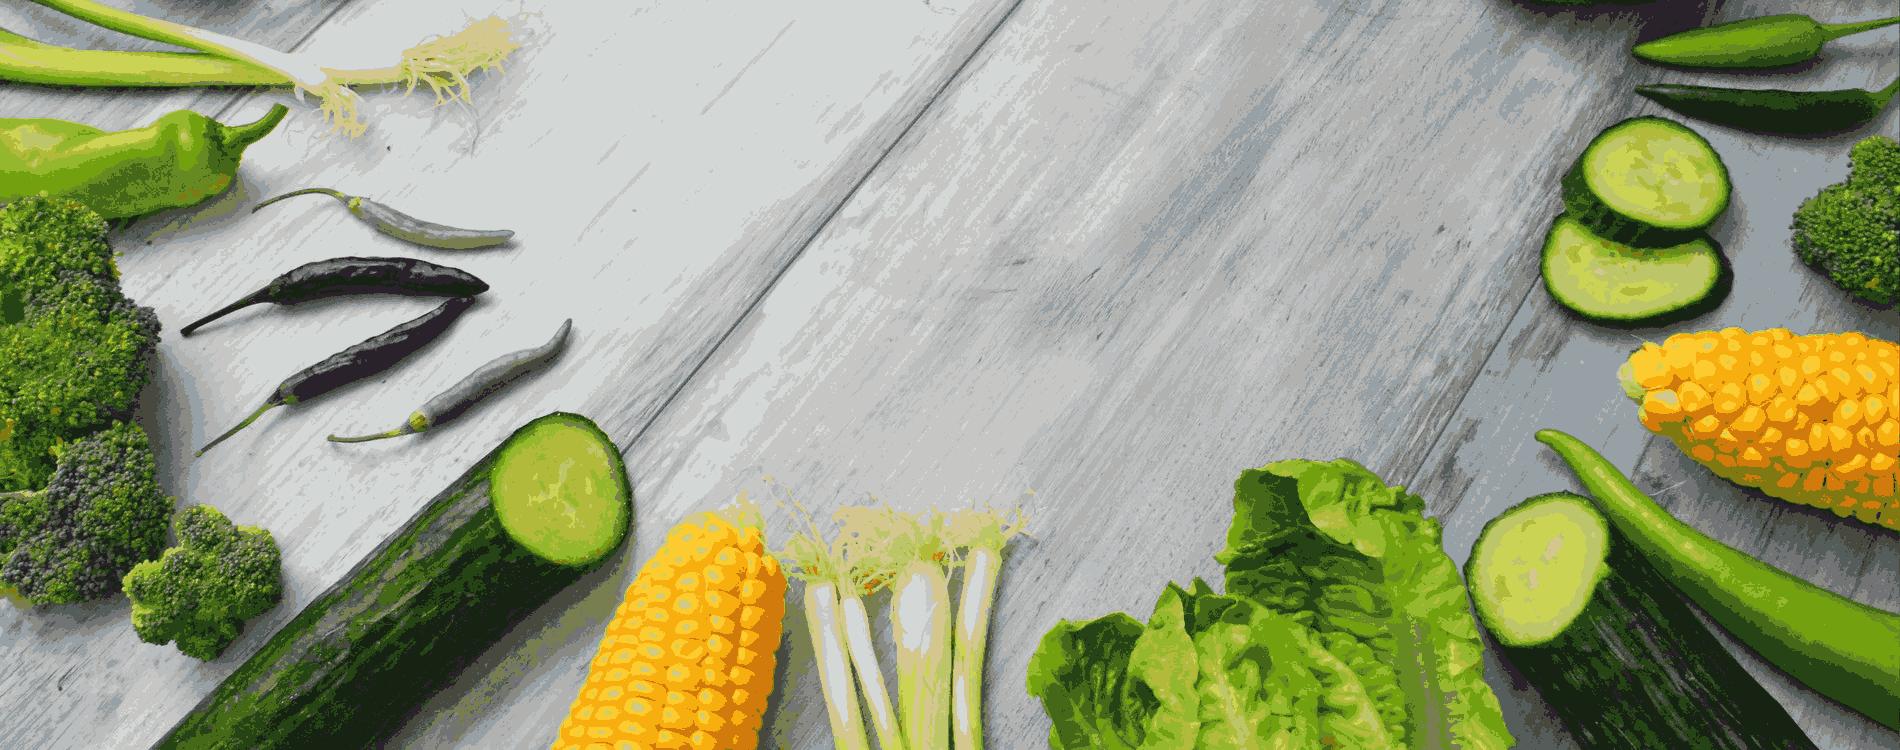 Gezonder eten is mogelijk - Voedingsadvies Utrecht